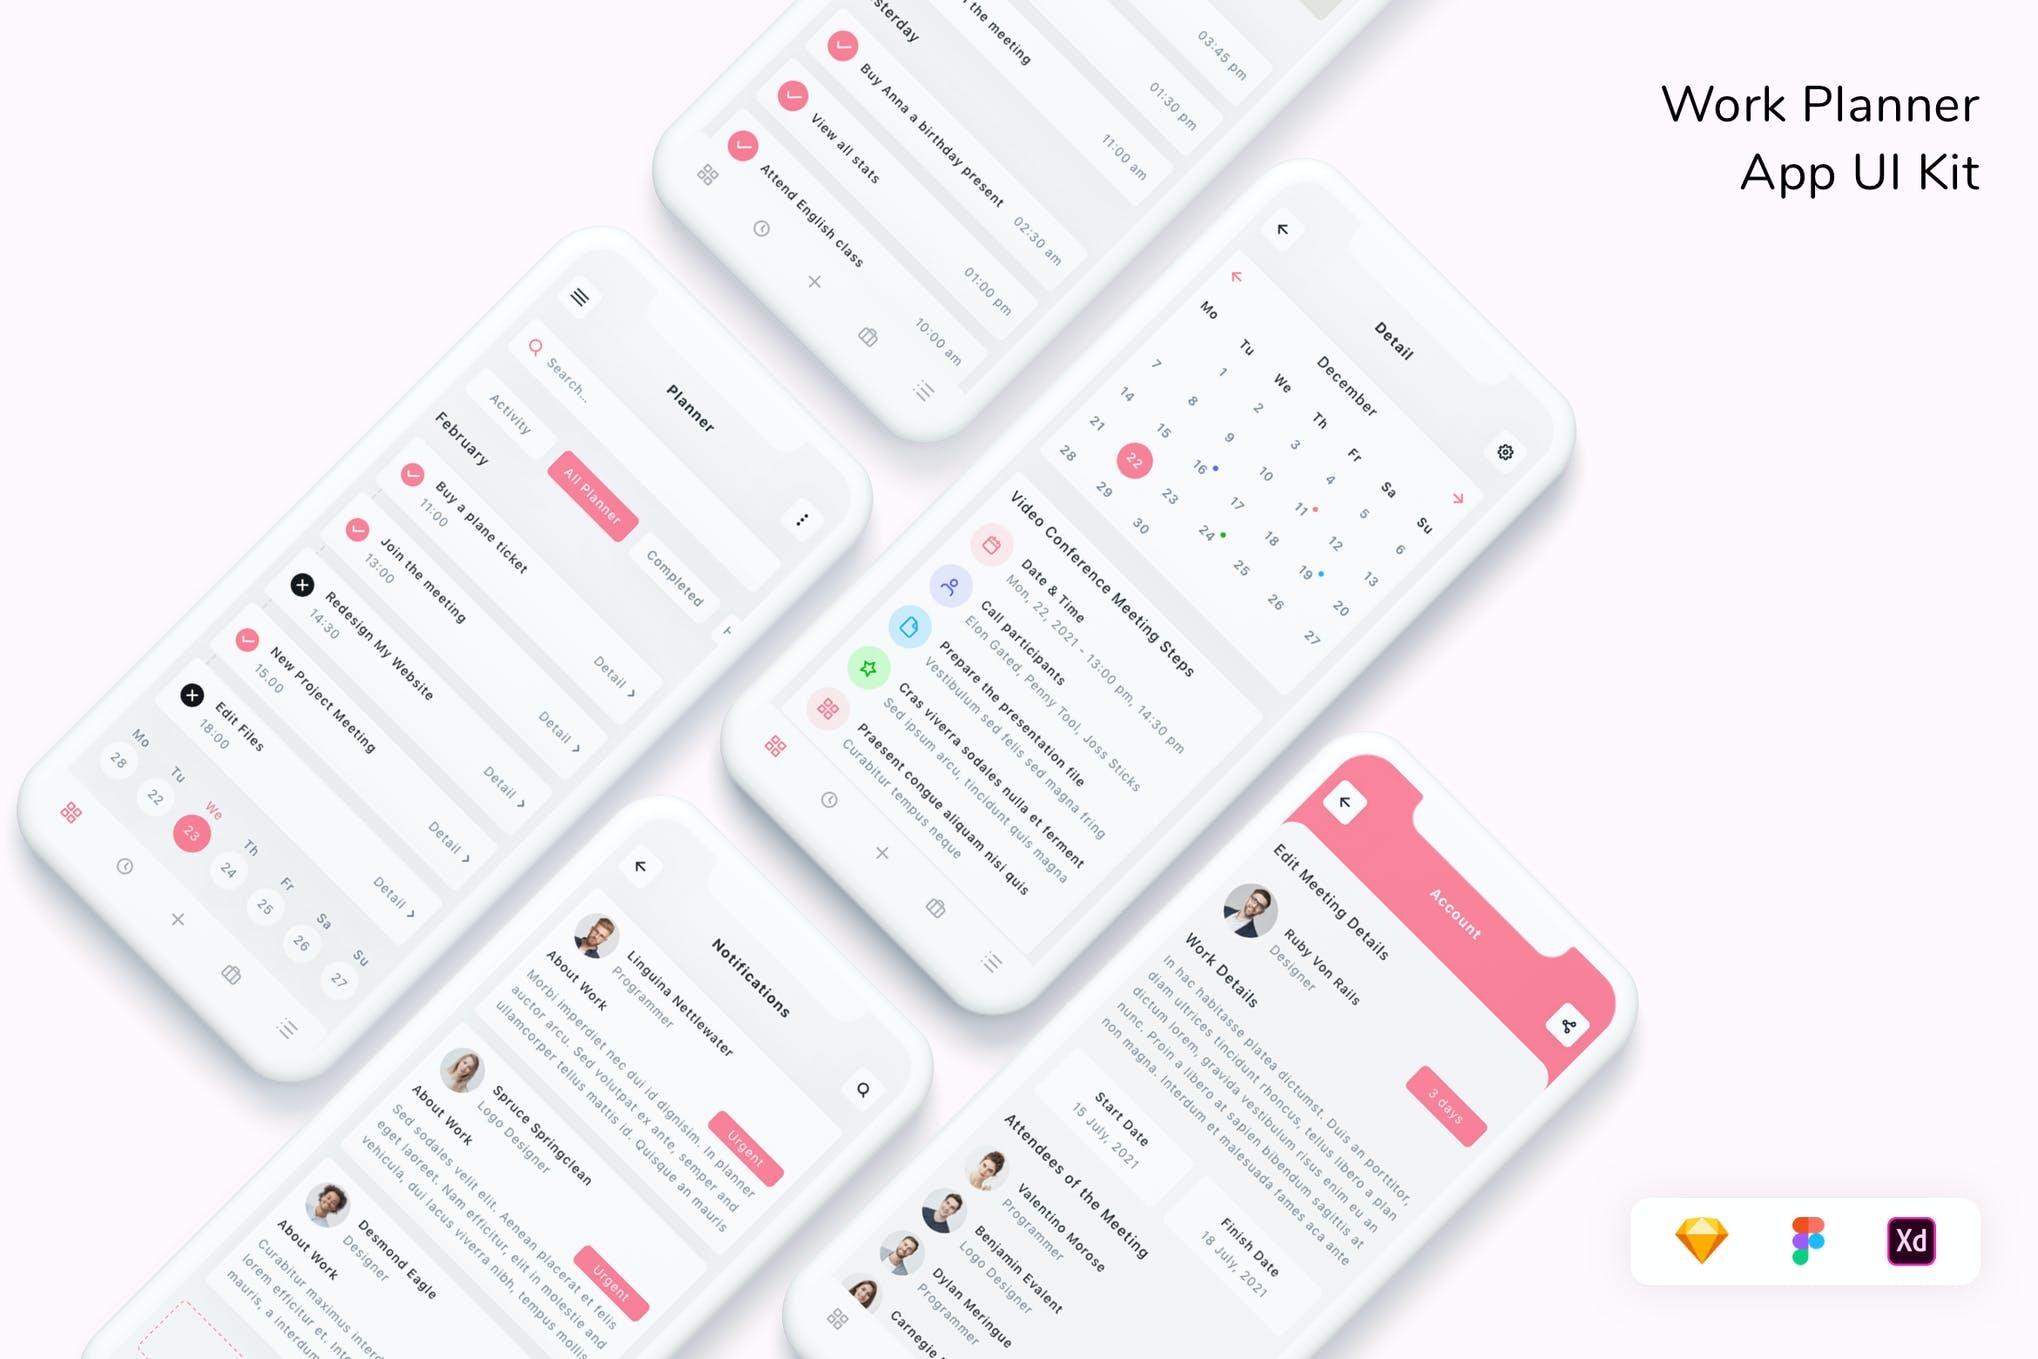 专业专用工作计划App UI工具包designshidai_ui342